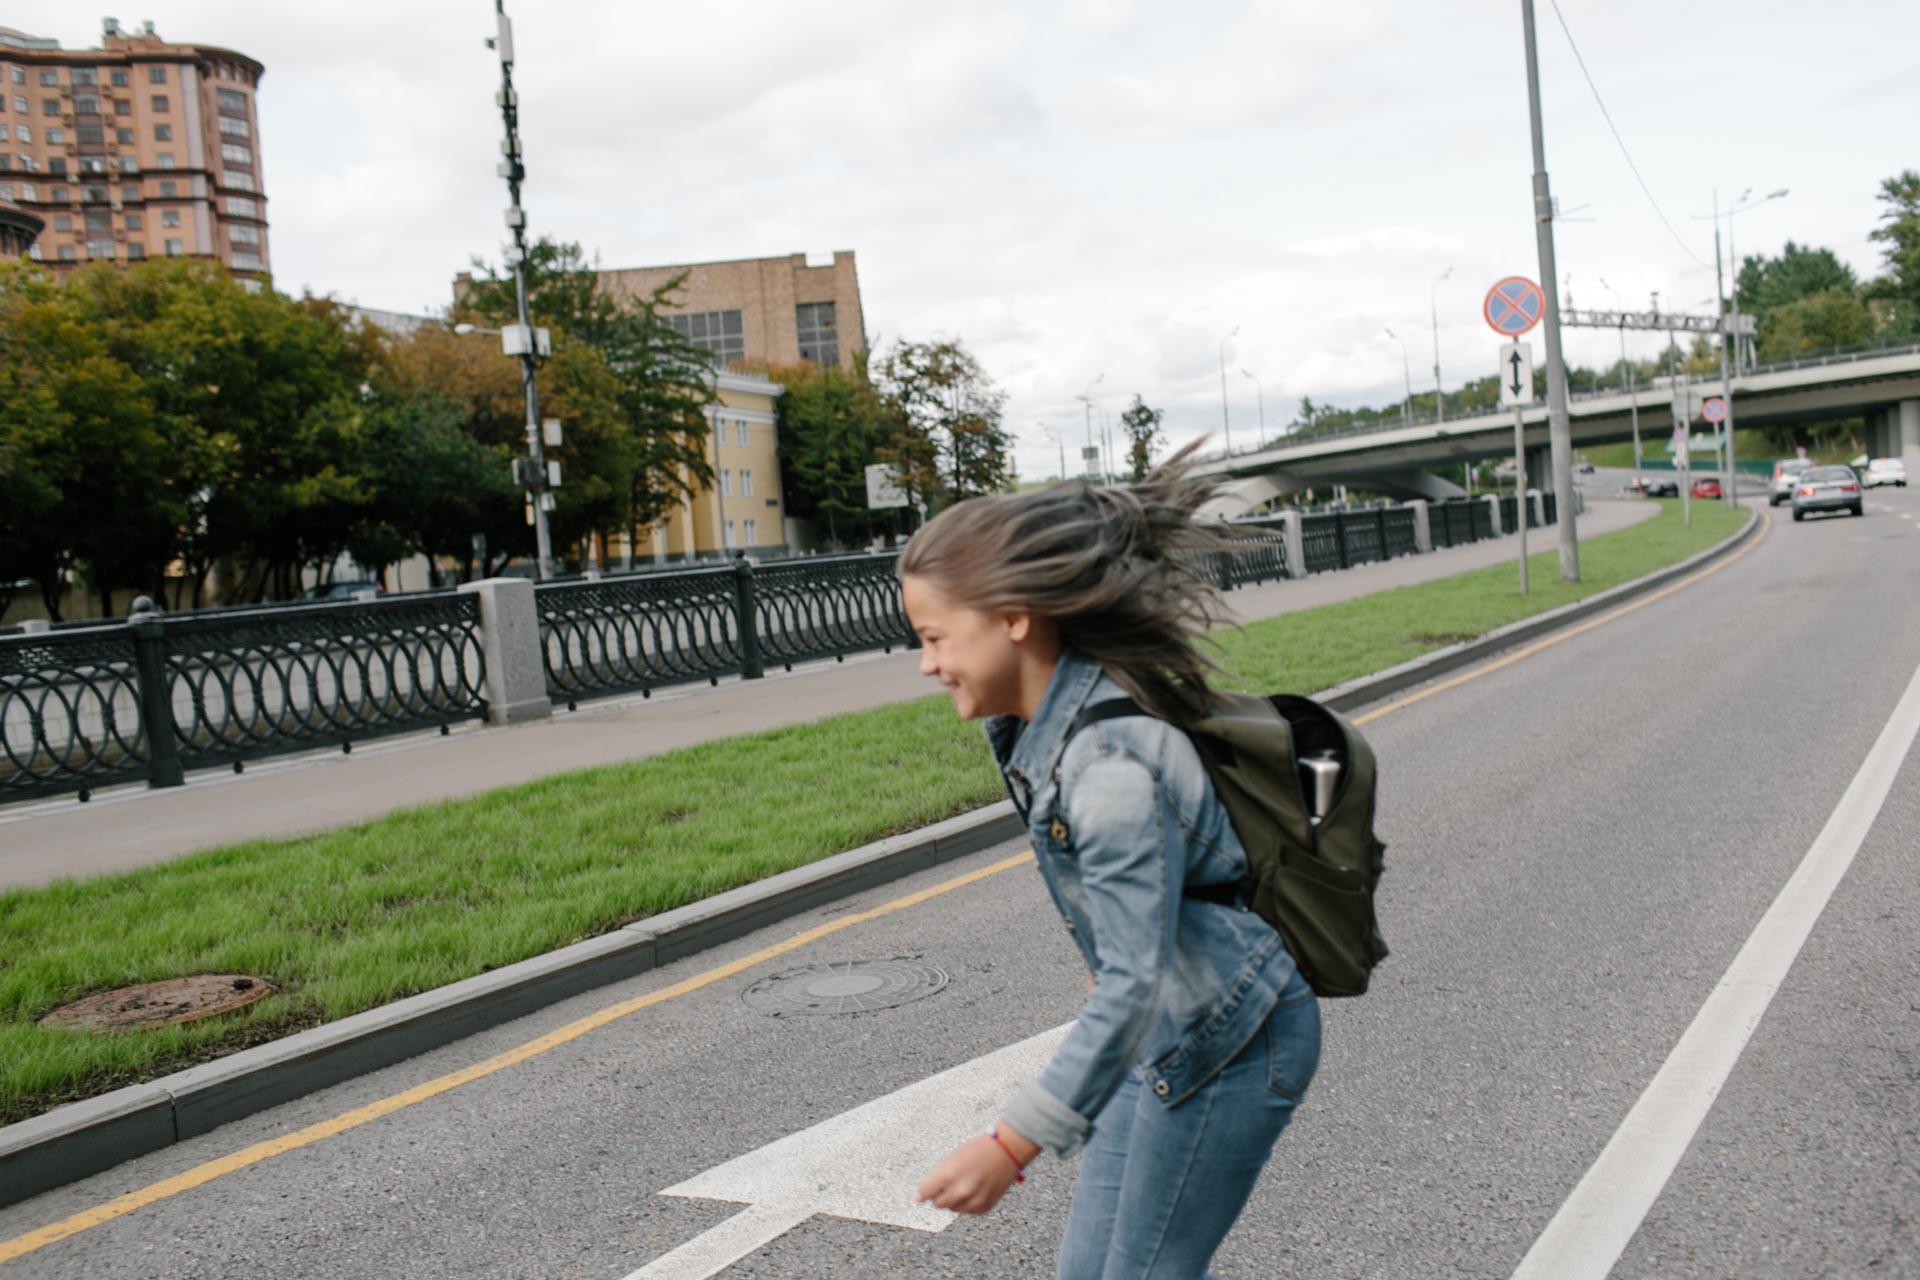 На фотографии Ульяна перебегает дорогу на набережной реки Яузы в Москве. Одностороннее движение, улыбка, джинсовая куртка и открытый рюкзак - сломана молния или плохо работает, я уже не помню. Мы пошли на прогулку по городу и скоро заболеем.